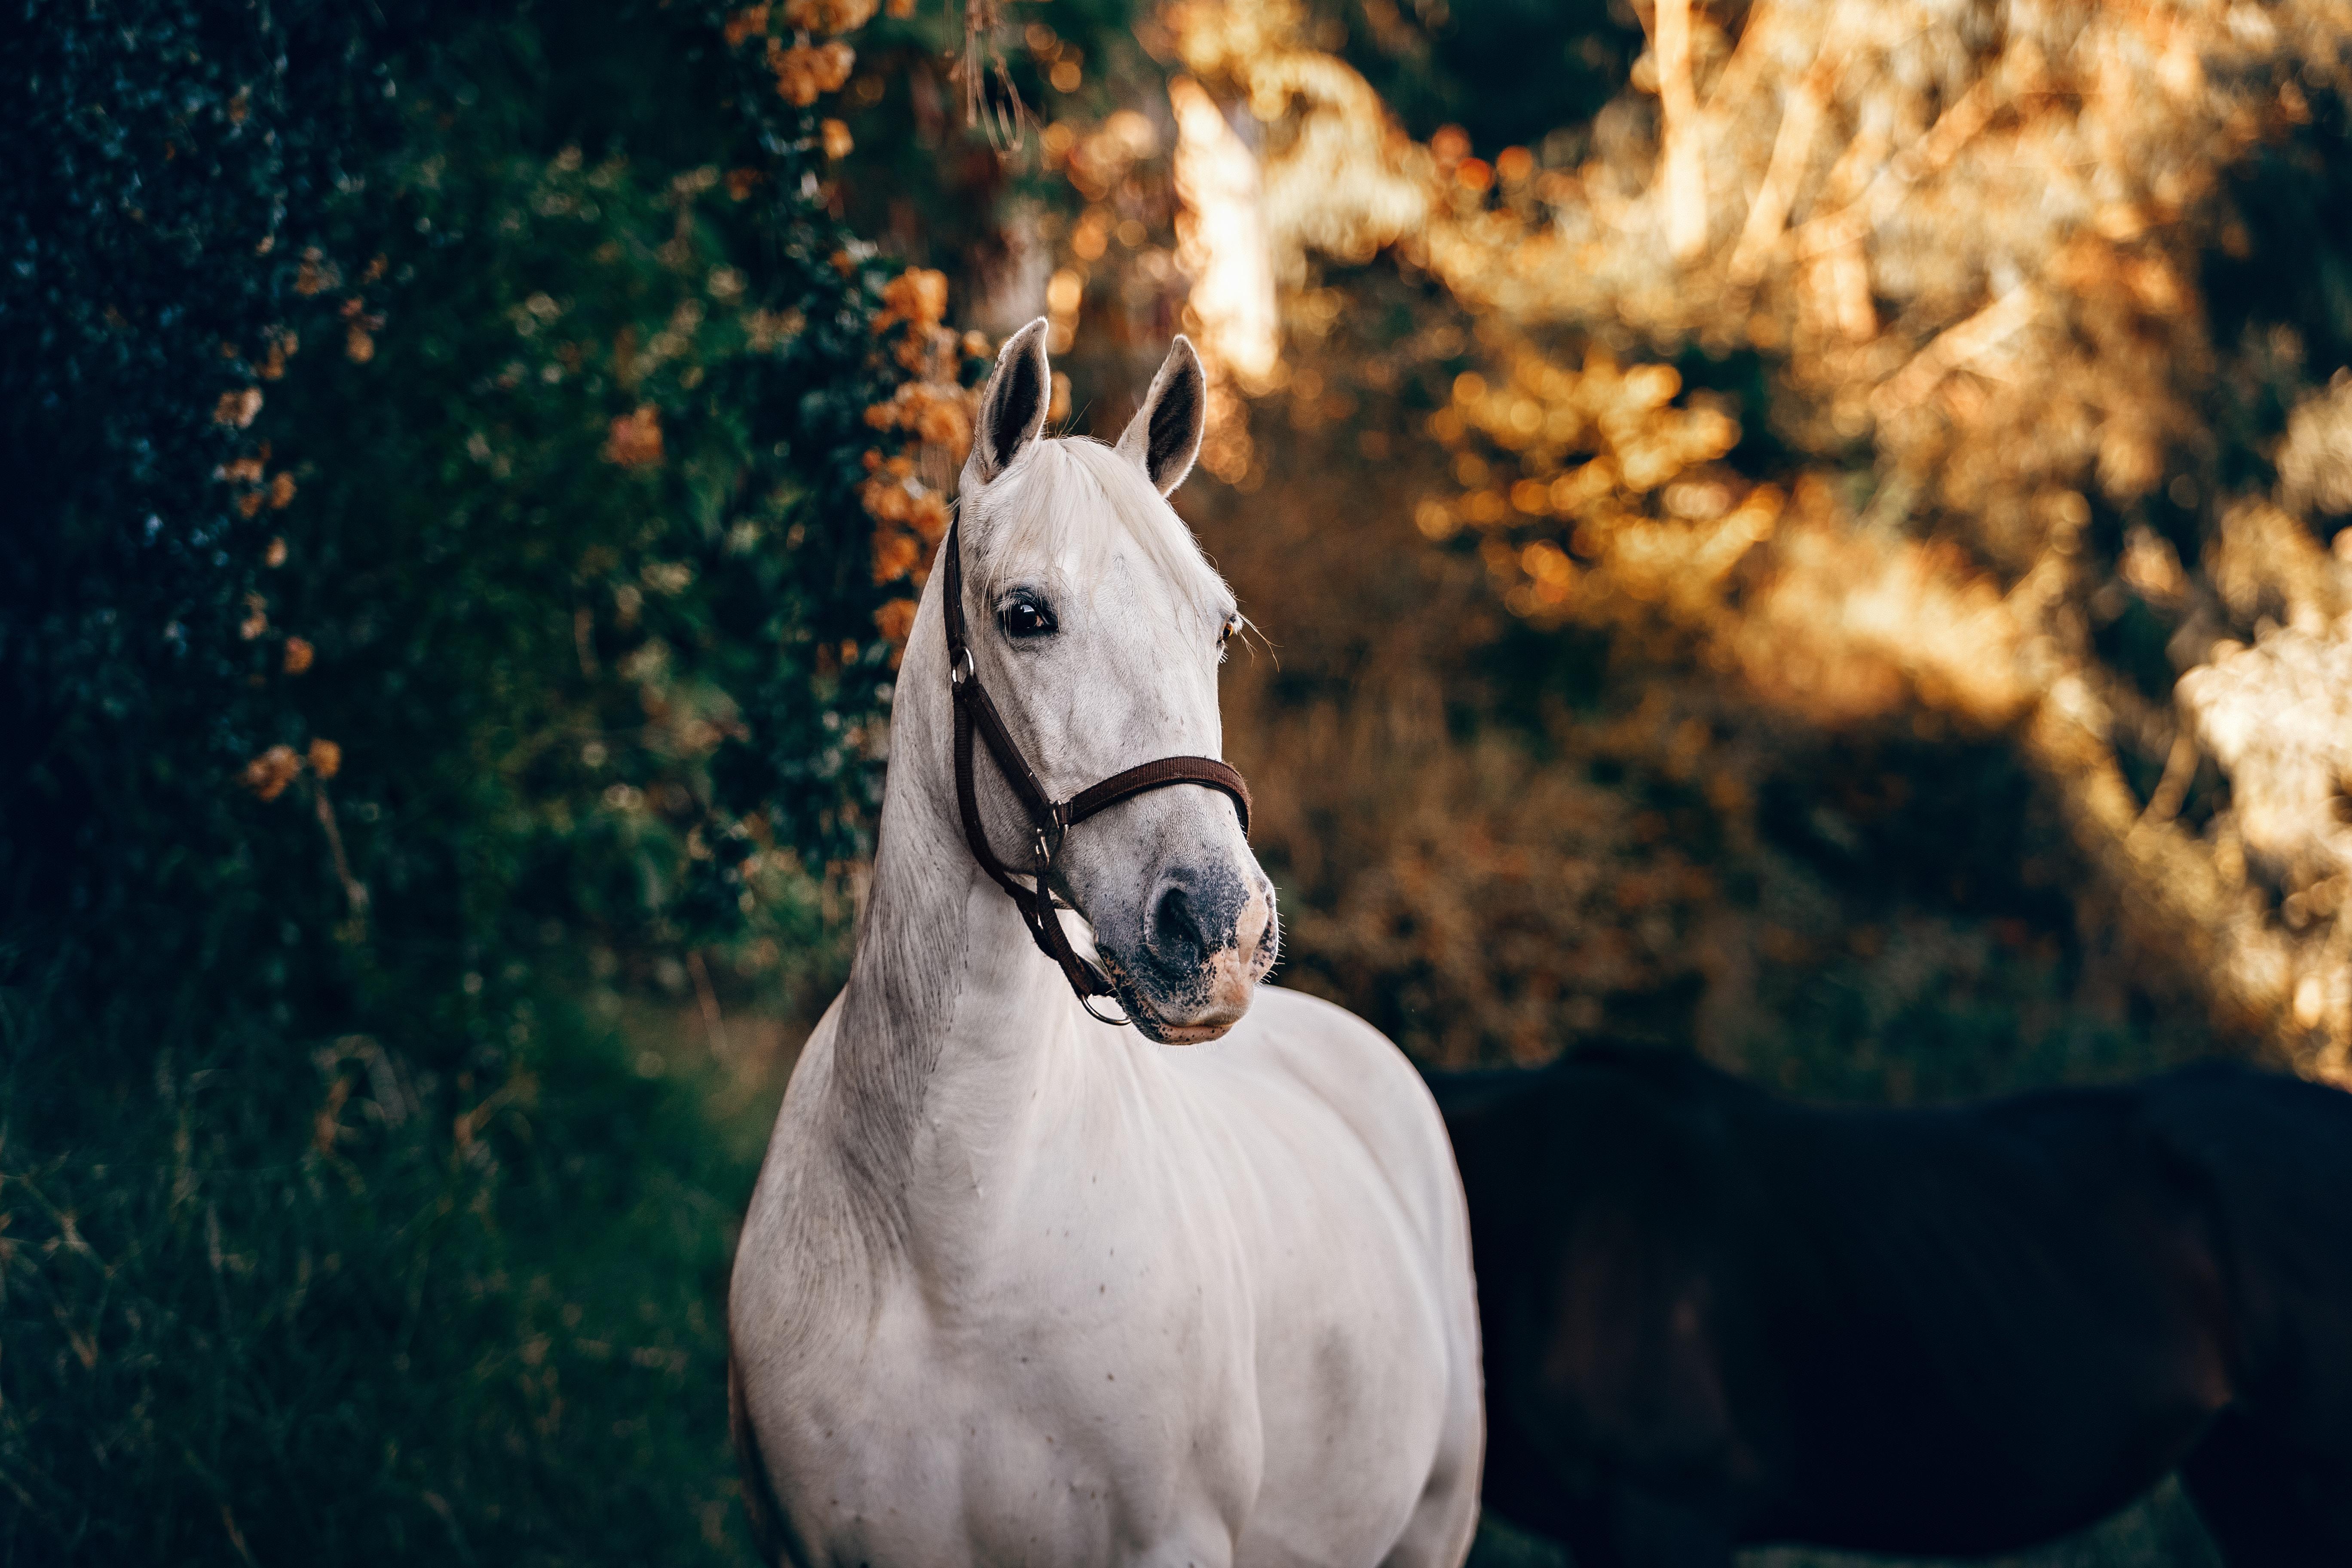 White trail horse